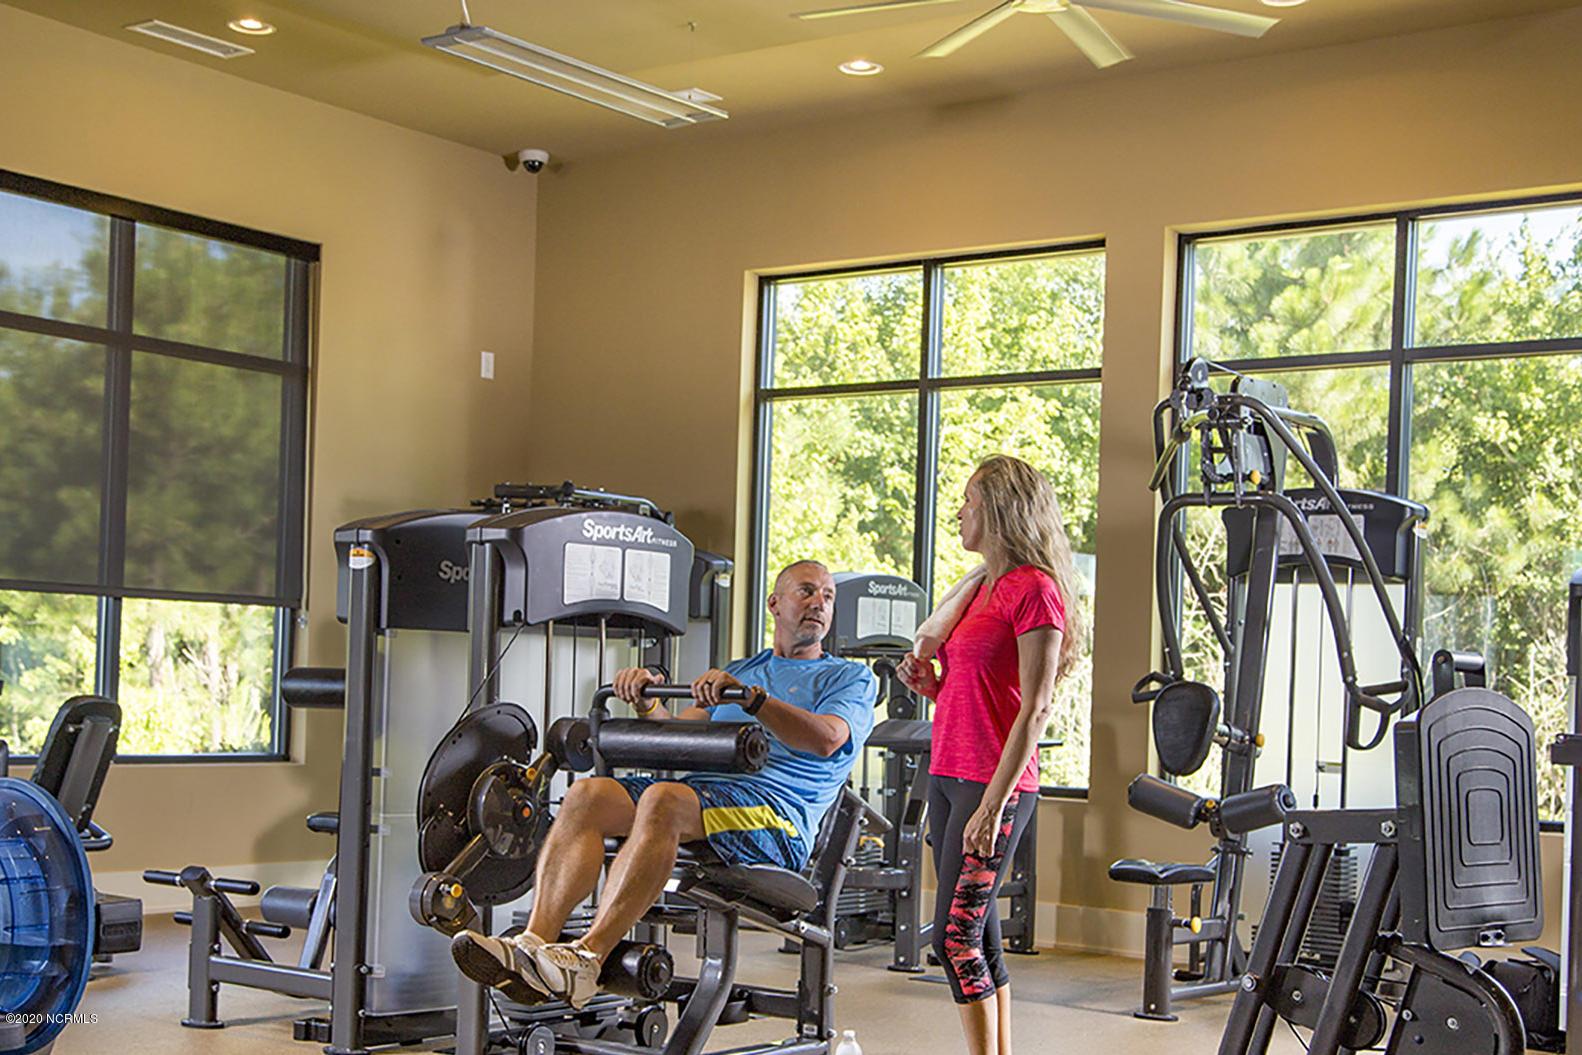 12 Wellness Center